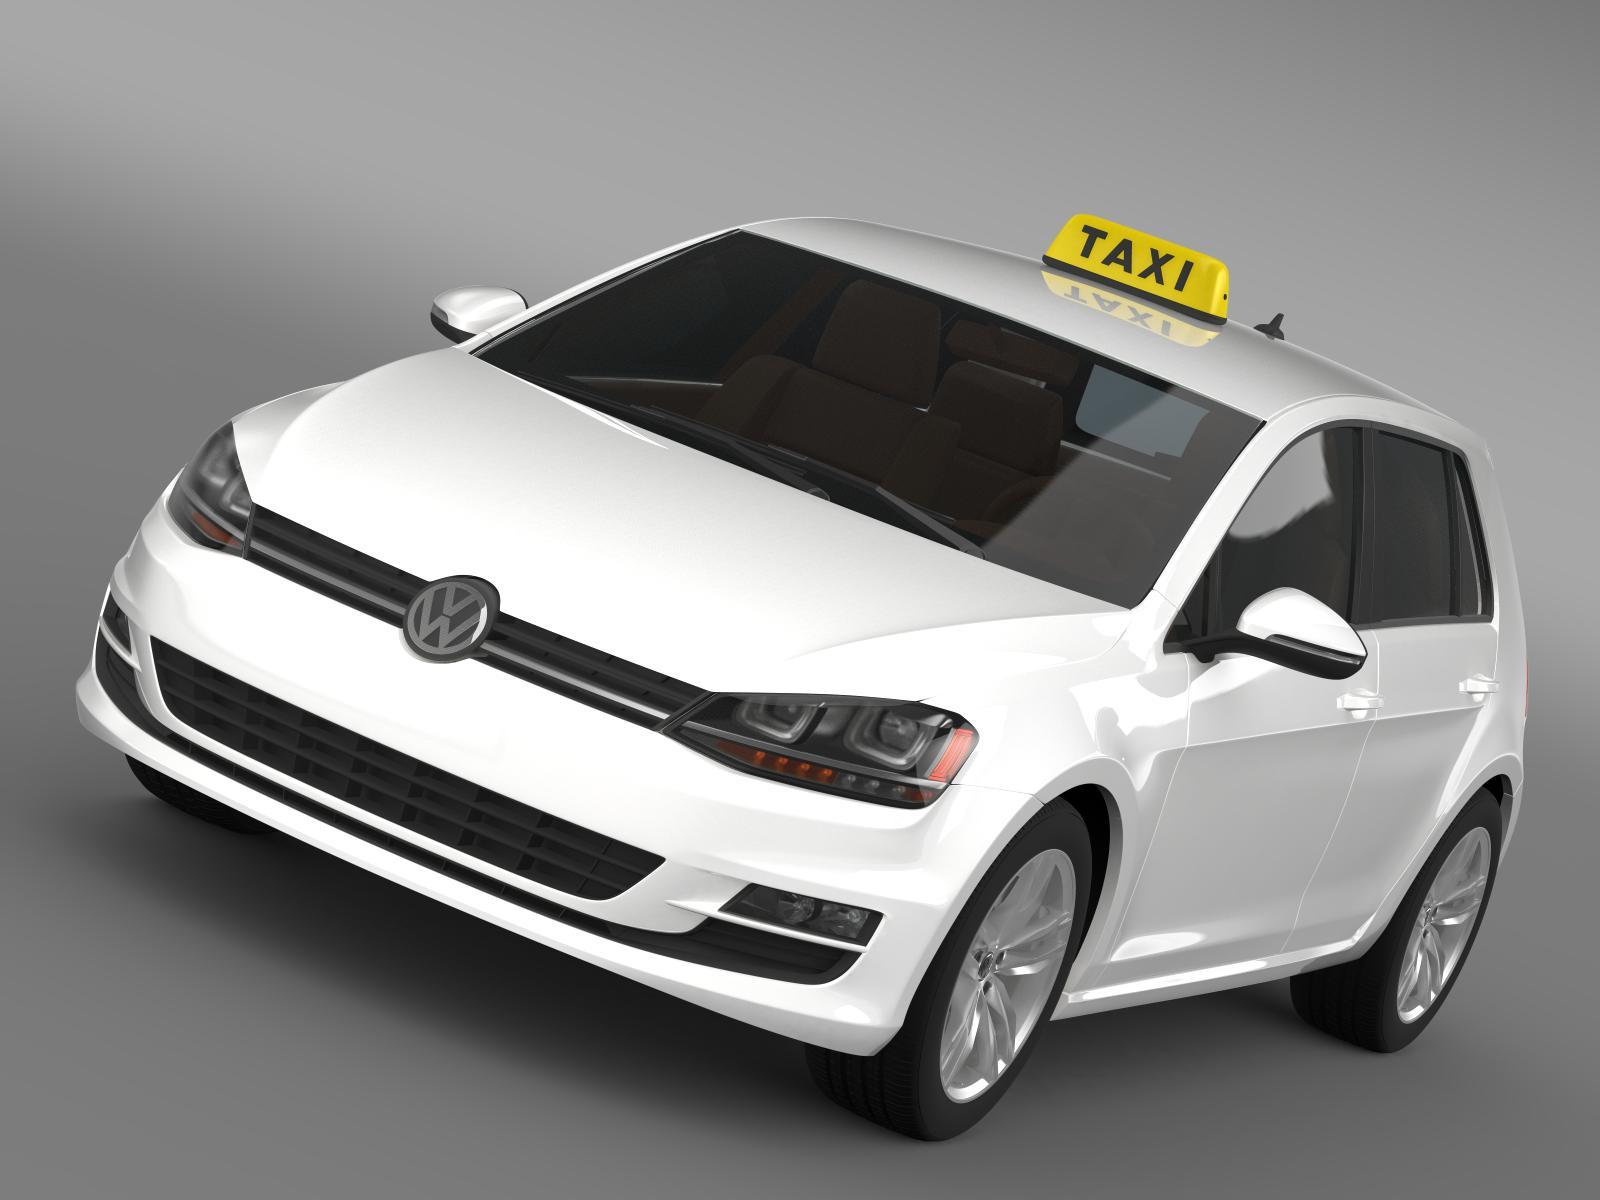 volkswagen golf tsi taksi 3d model 3ds max fbx c4d lwo ma mb hrc xsi obj 204144